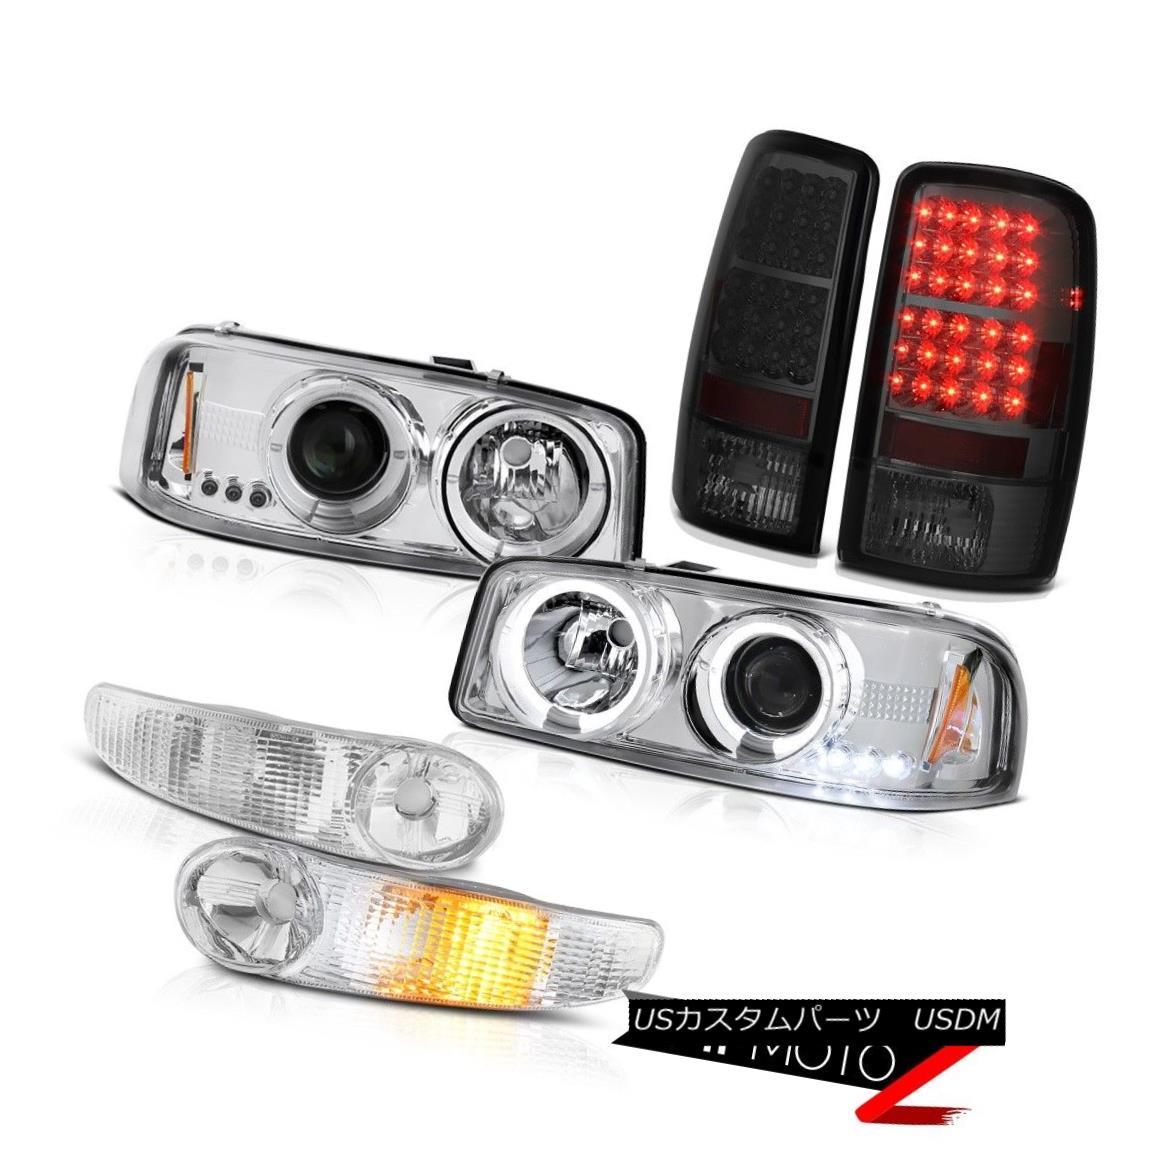 ヘッドライト Halo LED Headlights Headlamps Euro Signal Smoke Tail Lights 00-06 Yukon GMT800 Halo LEDヘッドライトヘッドランプユーロ信号煙テールライト00-06ユーコンGMT800